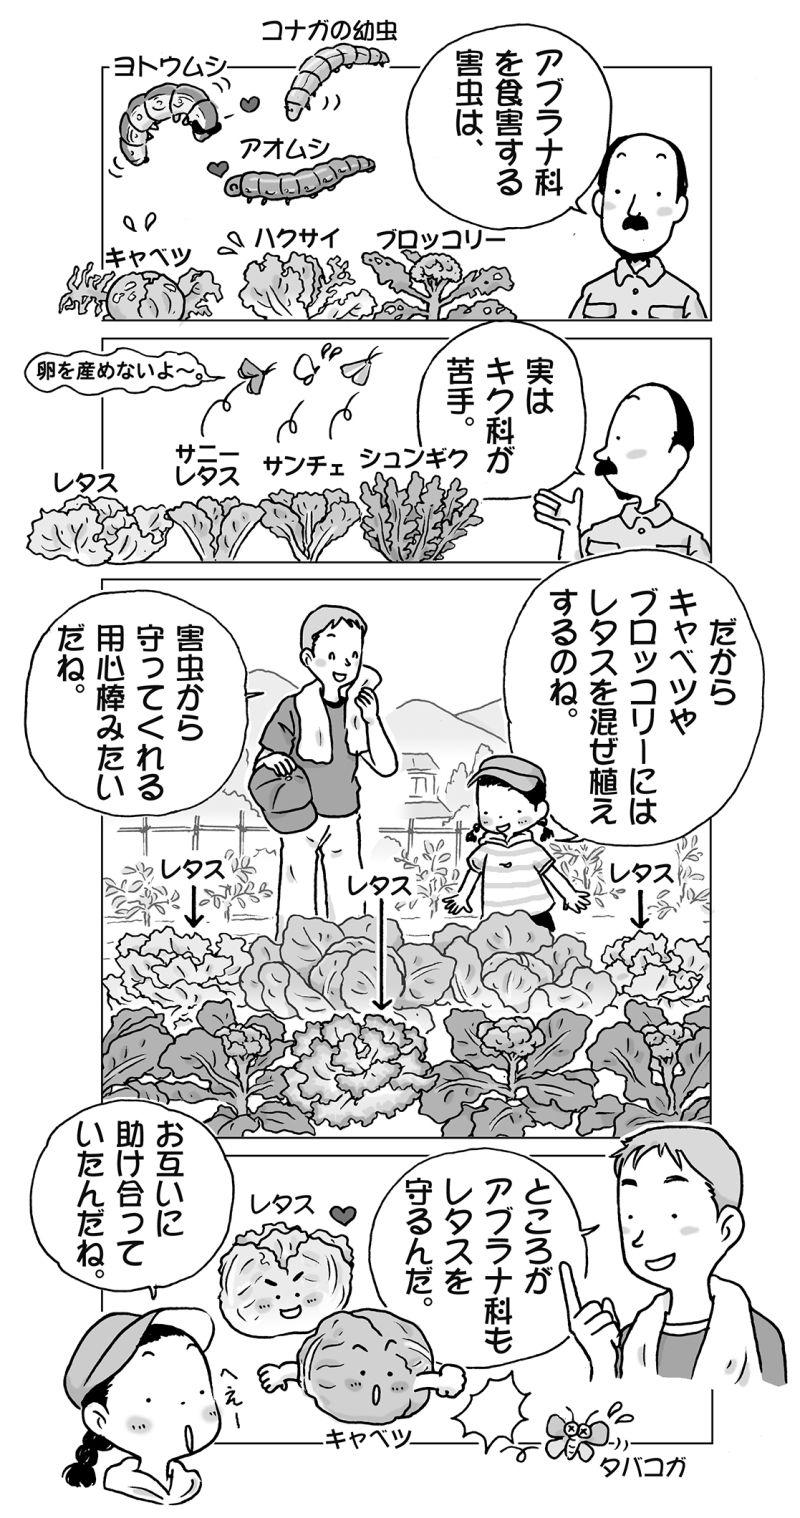 家庭菜園イラスト イラスト 家庭菜園 ガーデン